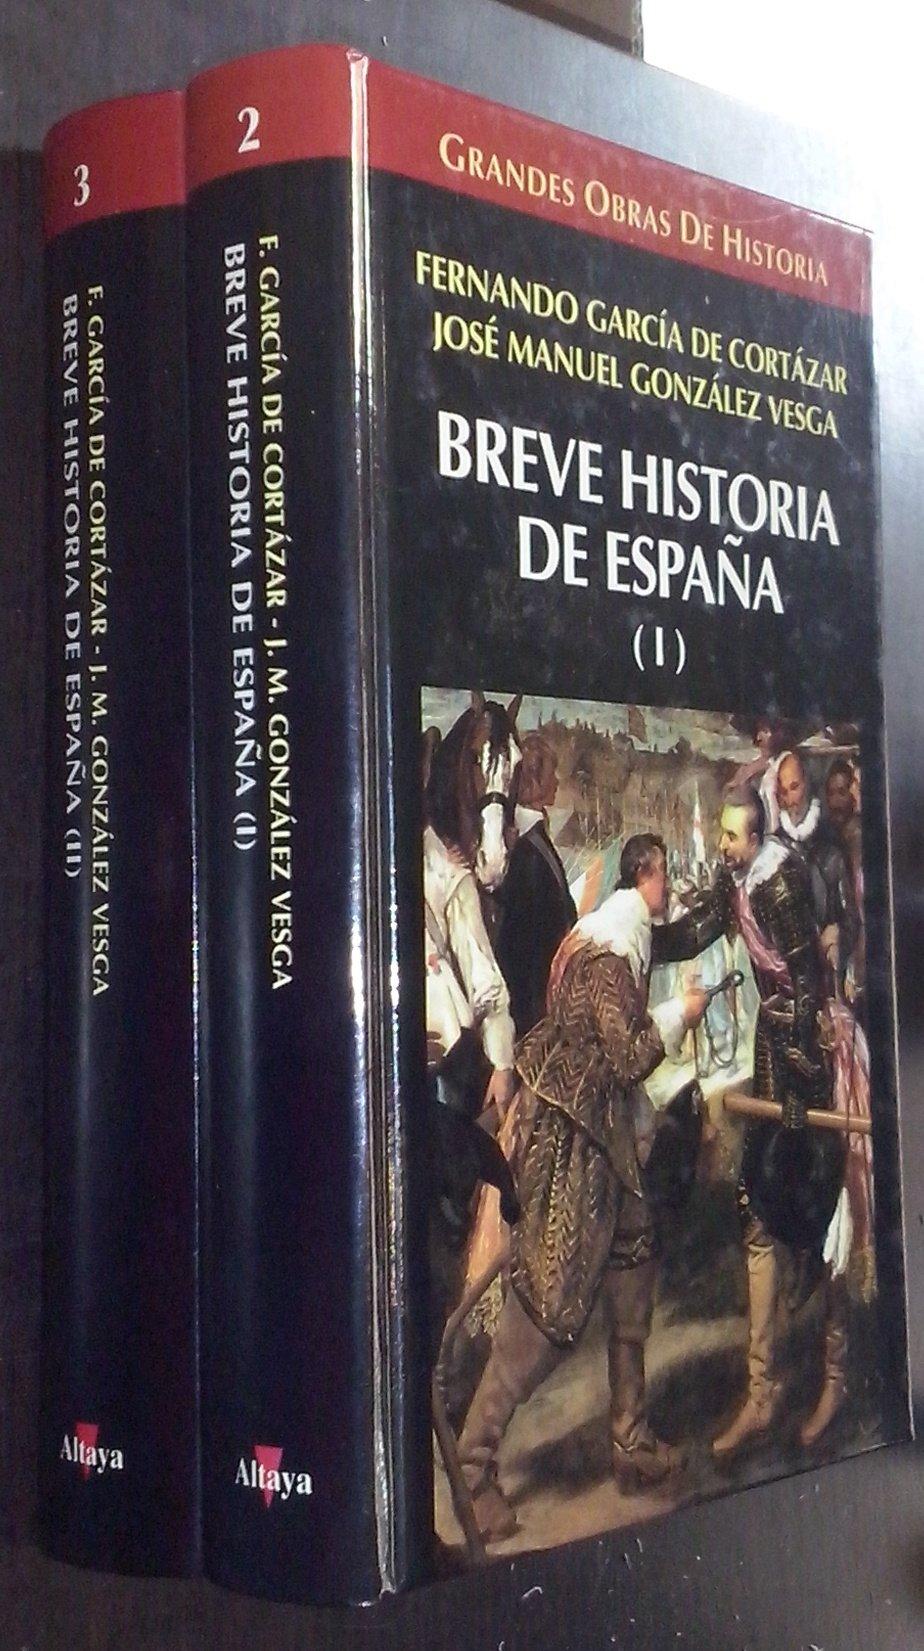 BREVE HISTORIA DE ESPAÑA (2 Vols) : Amazon.es: GARCÍA DE CORTÁZAR, F./ GOZÁLEZ VESGA, J.M: Libros